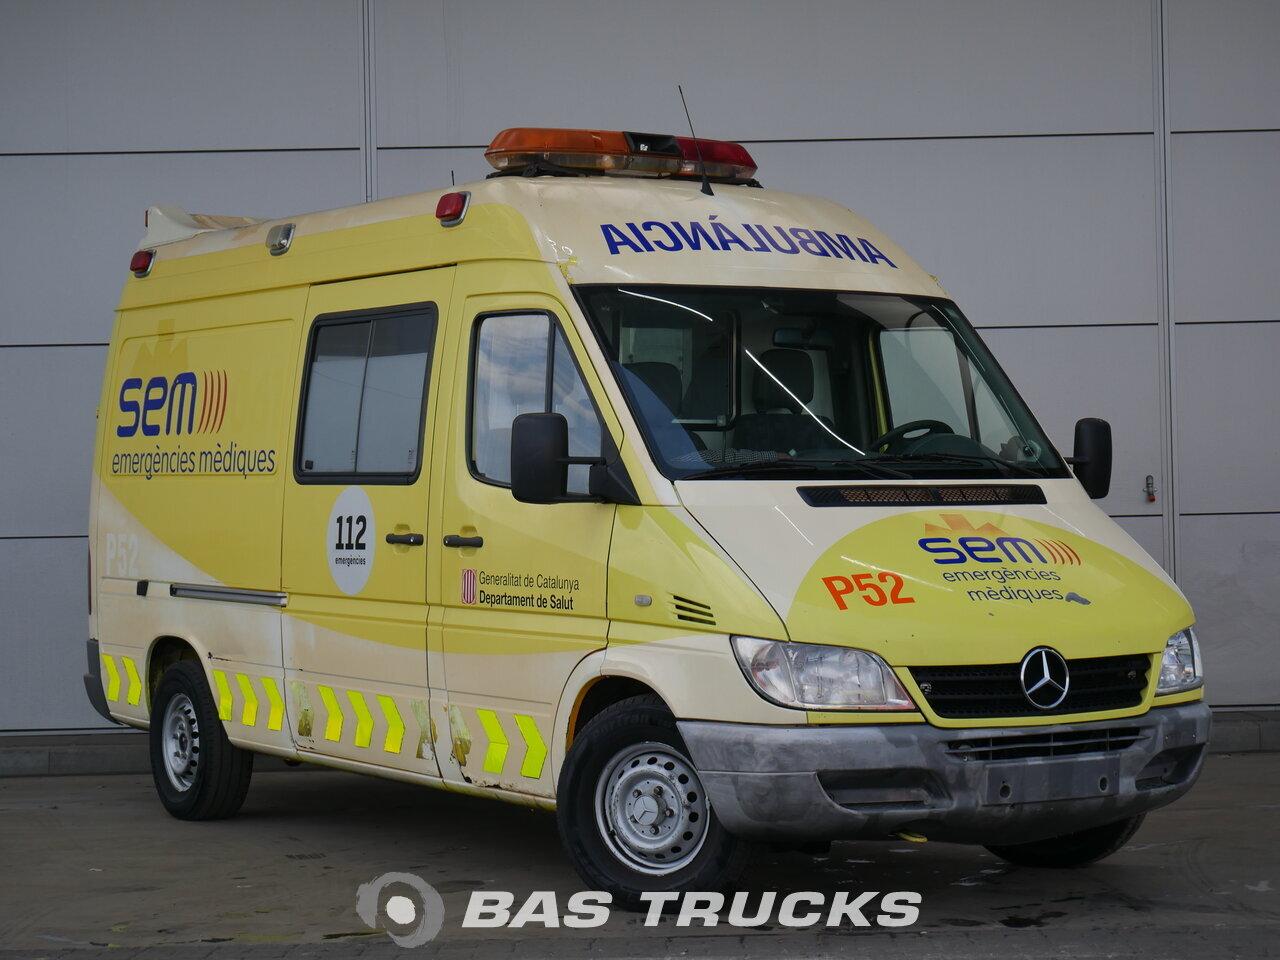 mercedes sprinter leichte nutzfahrzeuge 5900 bas trucks. Black Bedroom Furniture Sets. Home Design Ideas